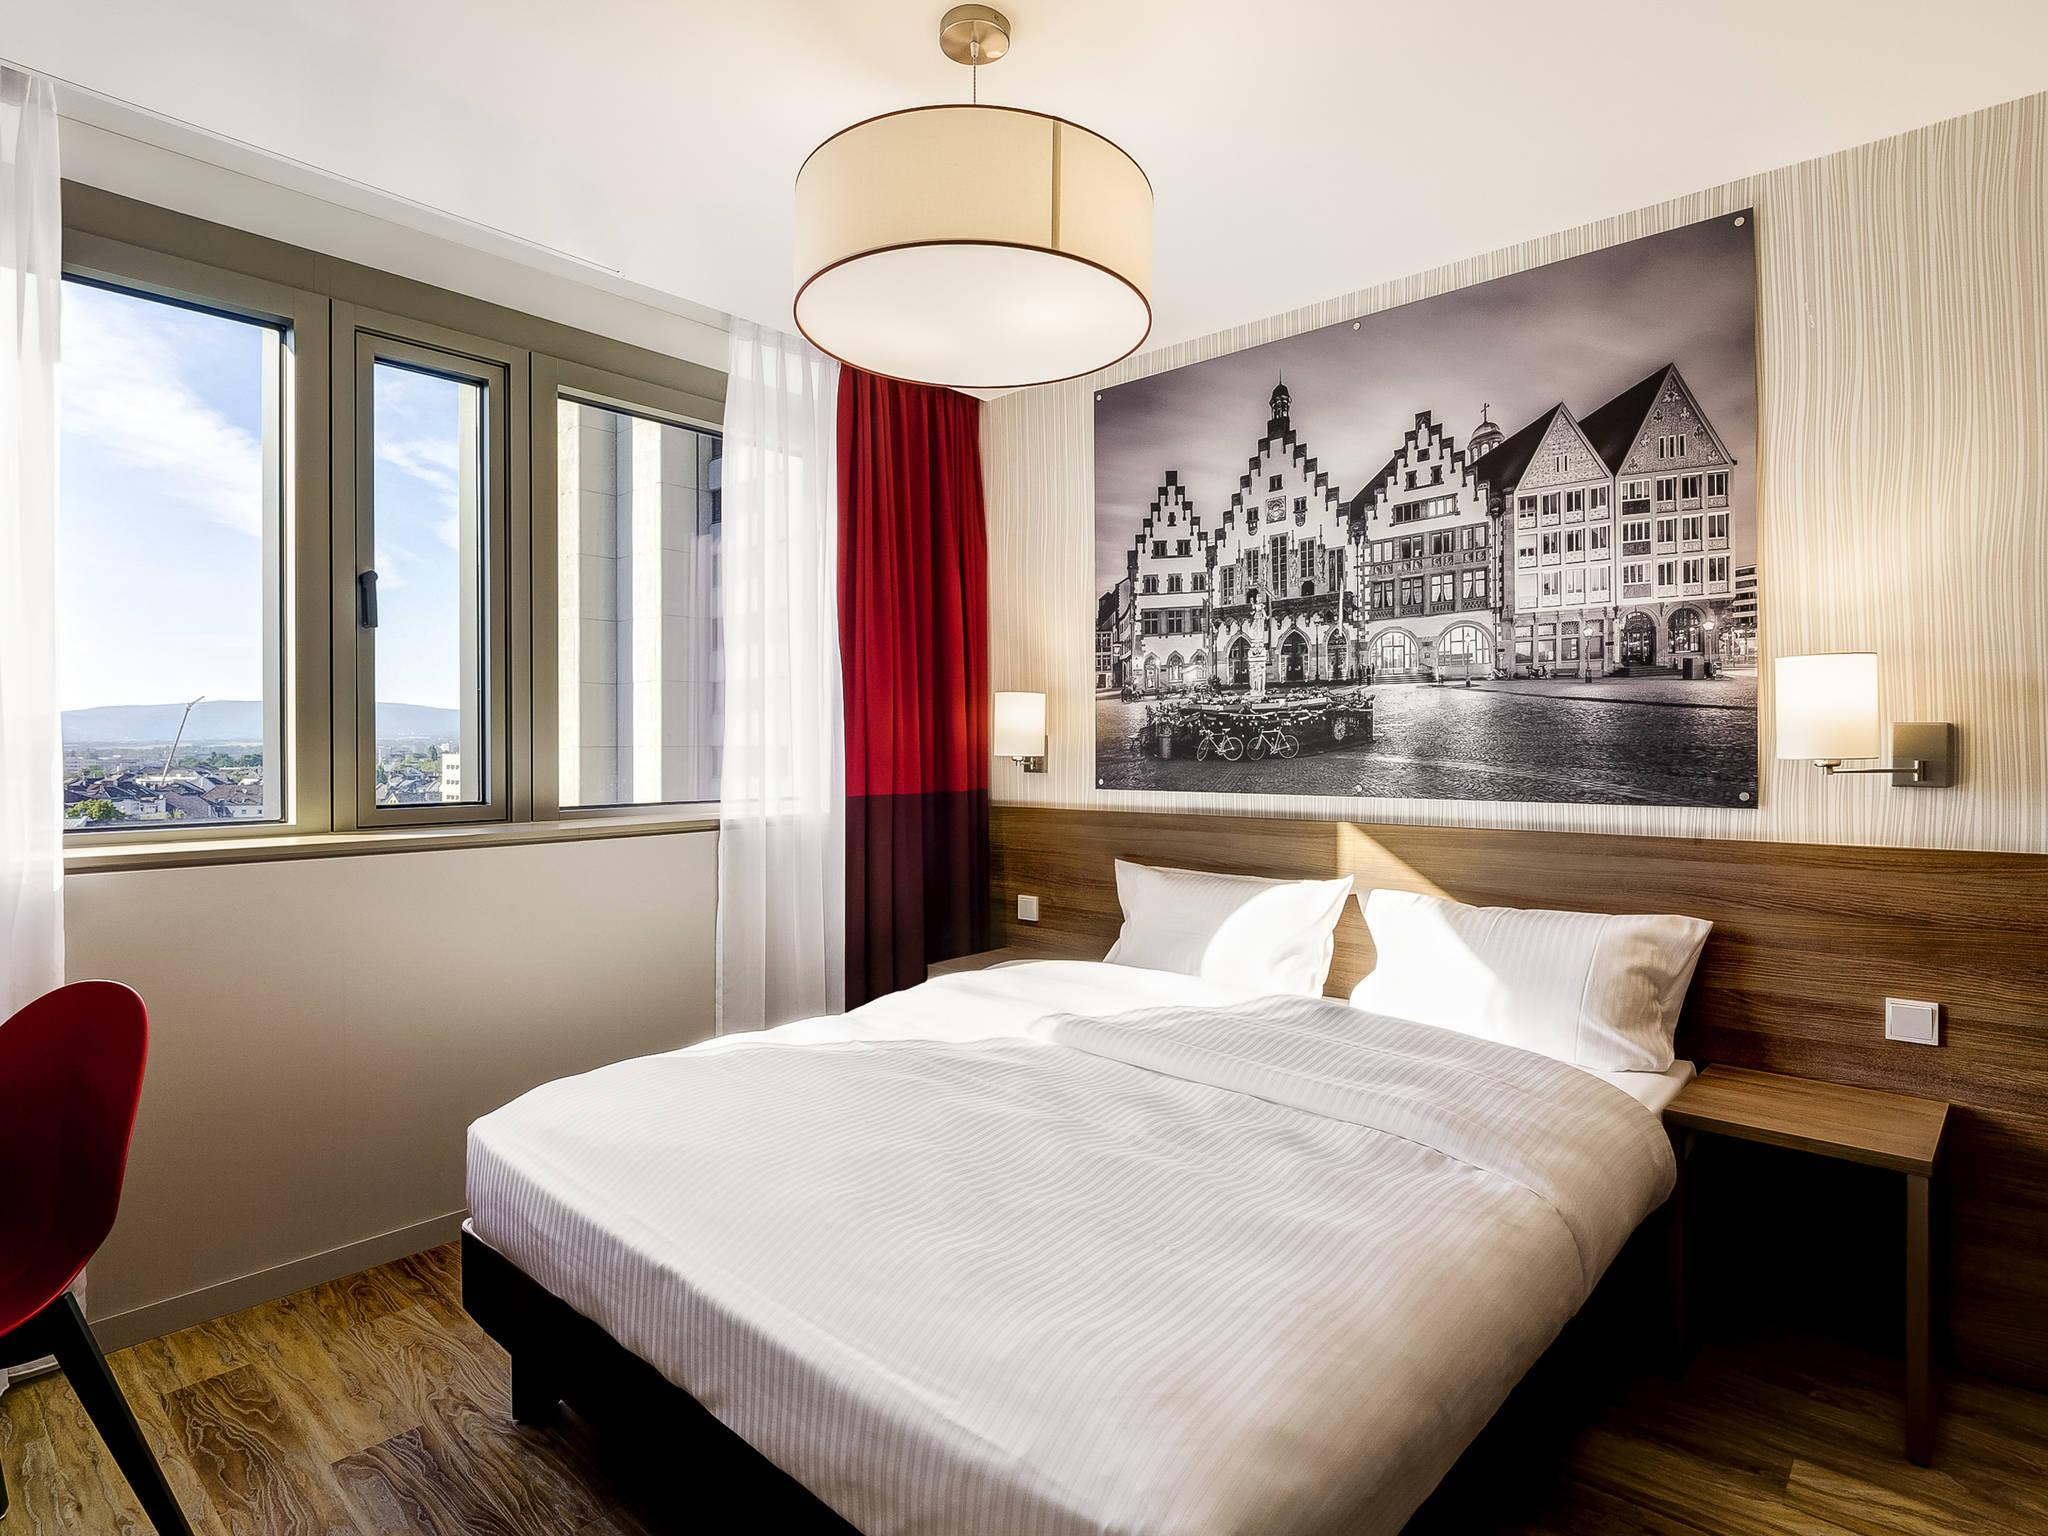 酒店 – 阿德吉奥法兰克福城市展览中心公寓酒店(2016 年 6 月开业)